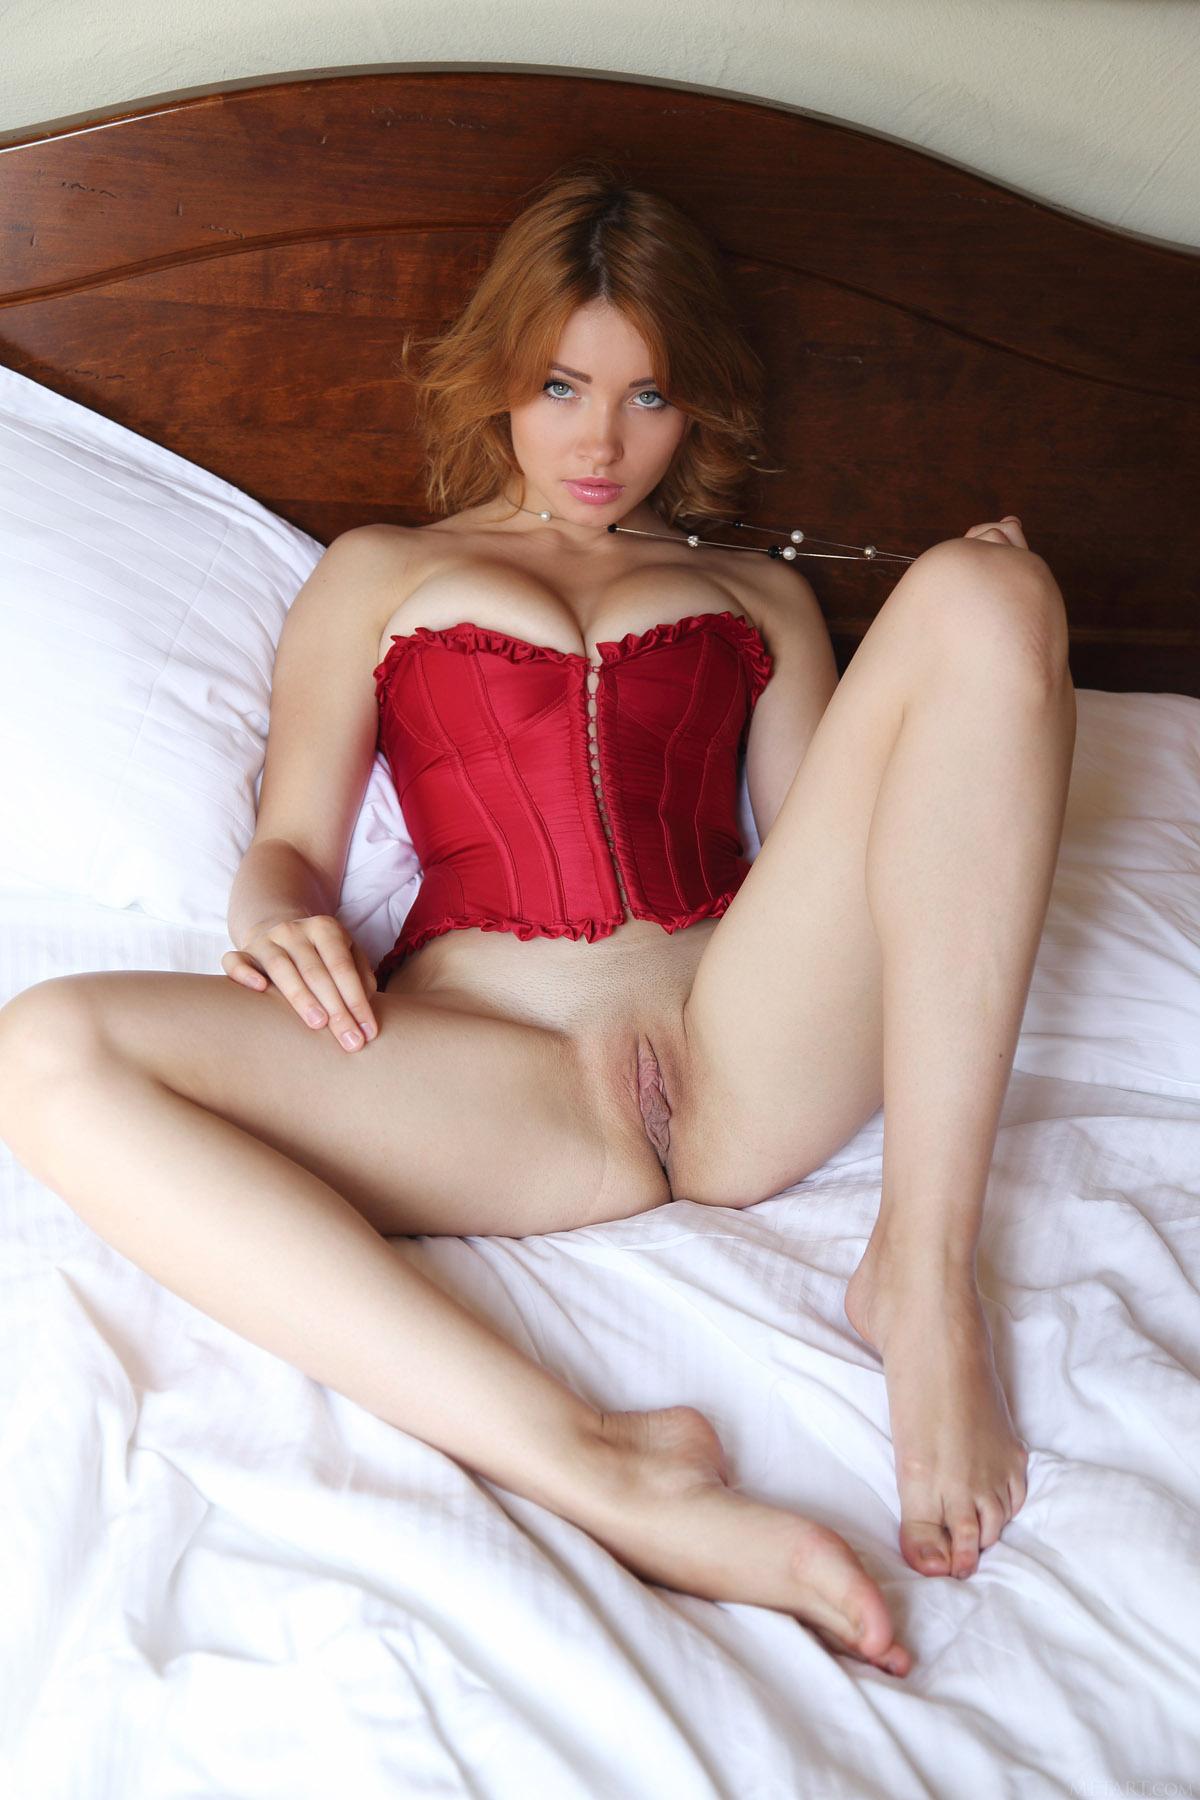 Porn star girl ass sex